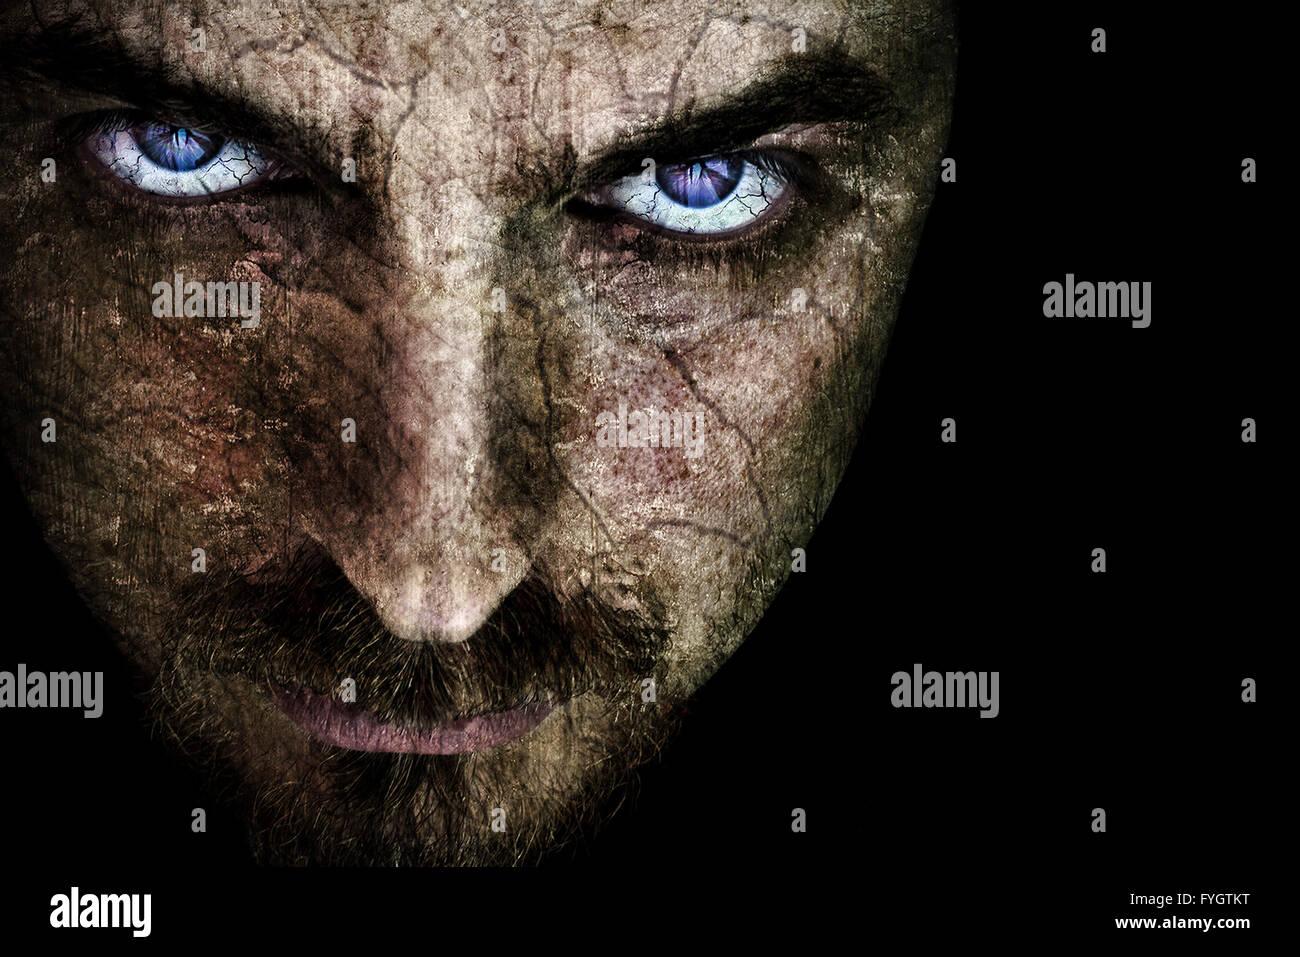 Böse Grimasse mit gruseligen Augen Stockbild